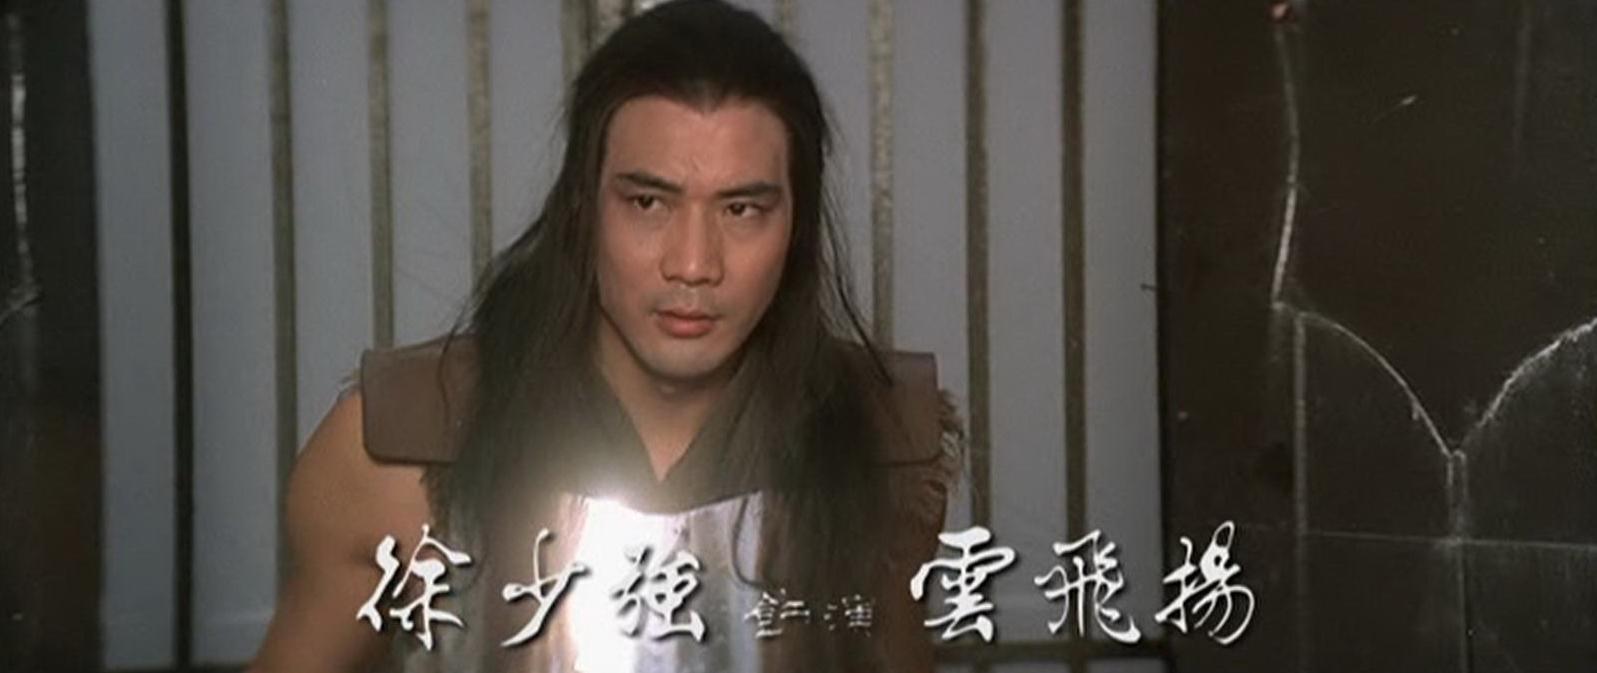 Hsu Shao-chiang